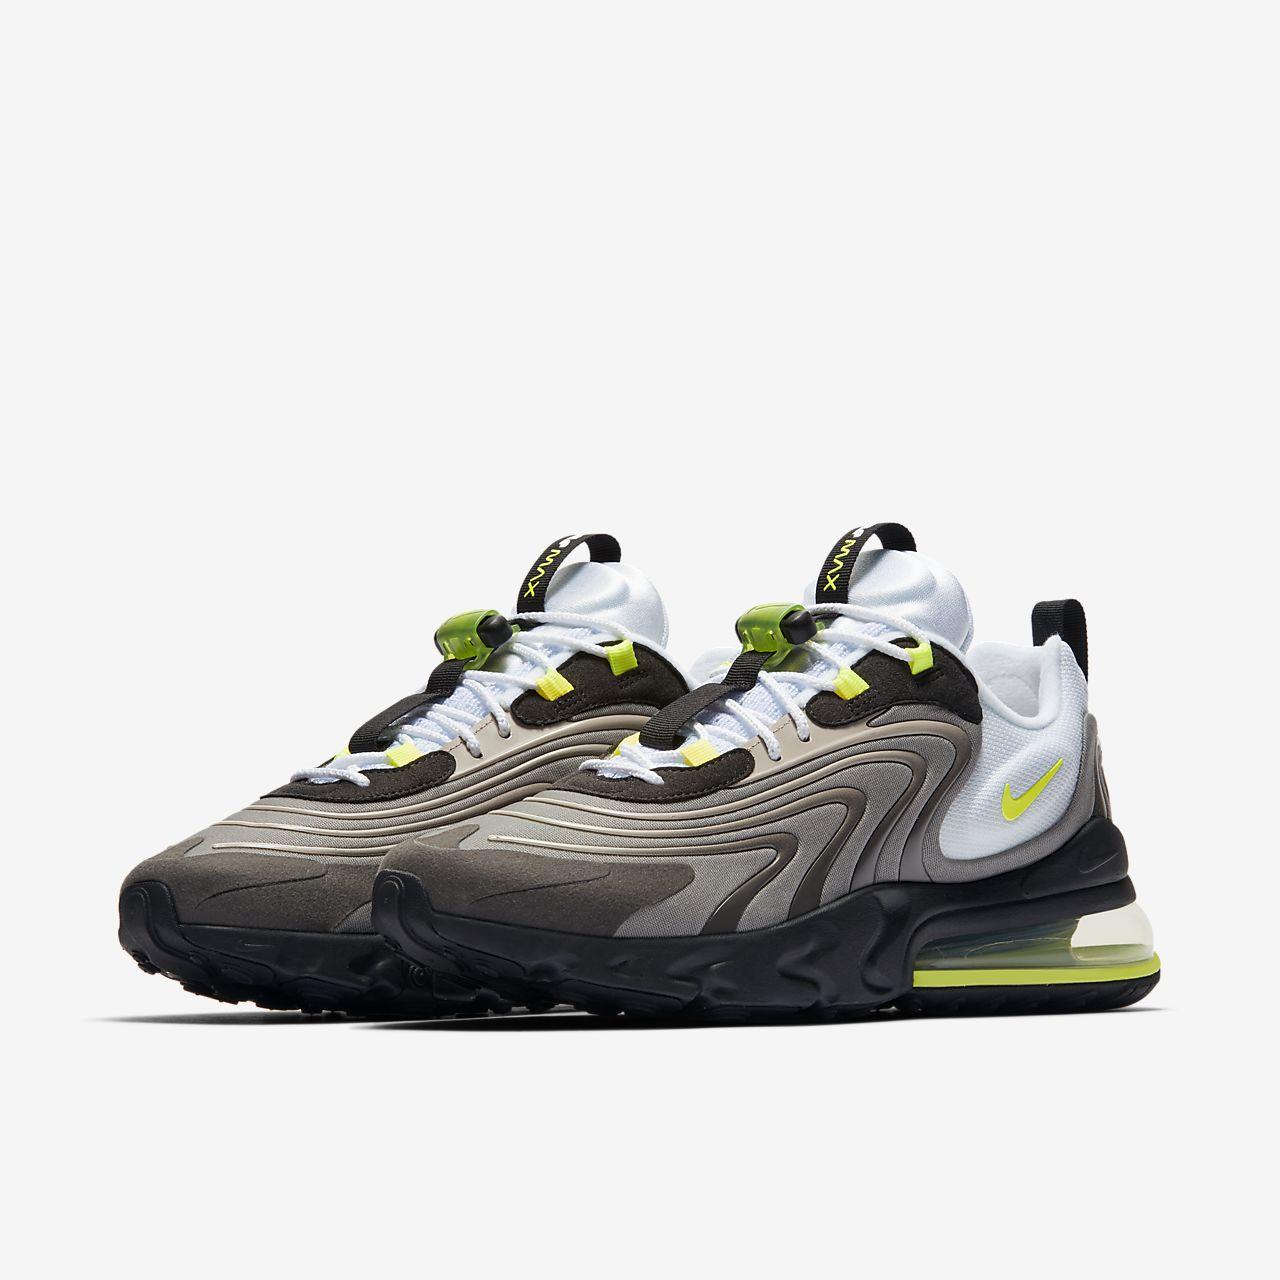 nike air max schoenen goedkoop